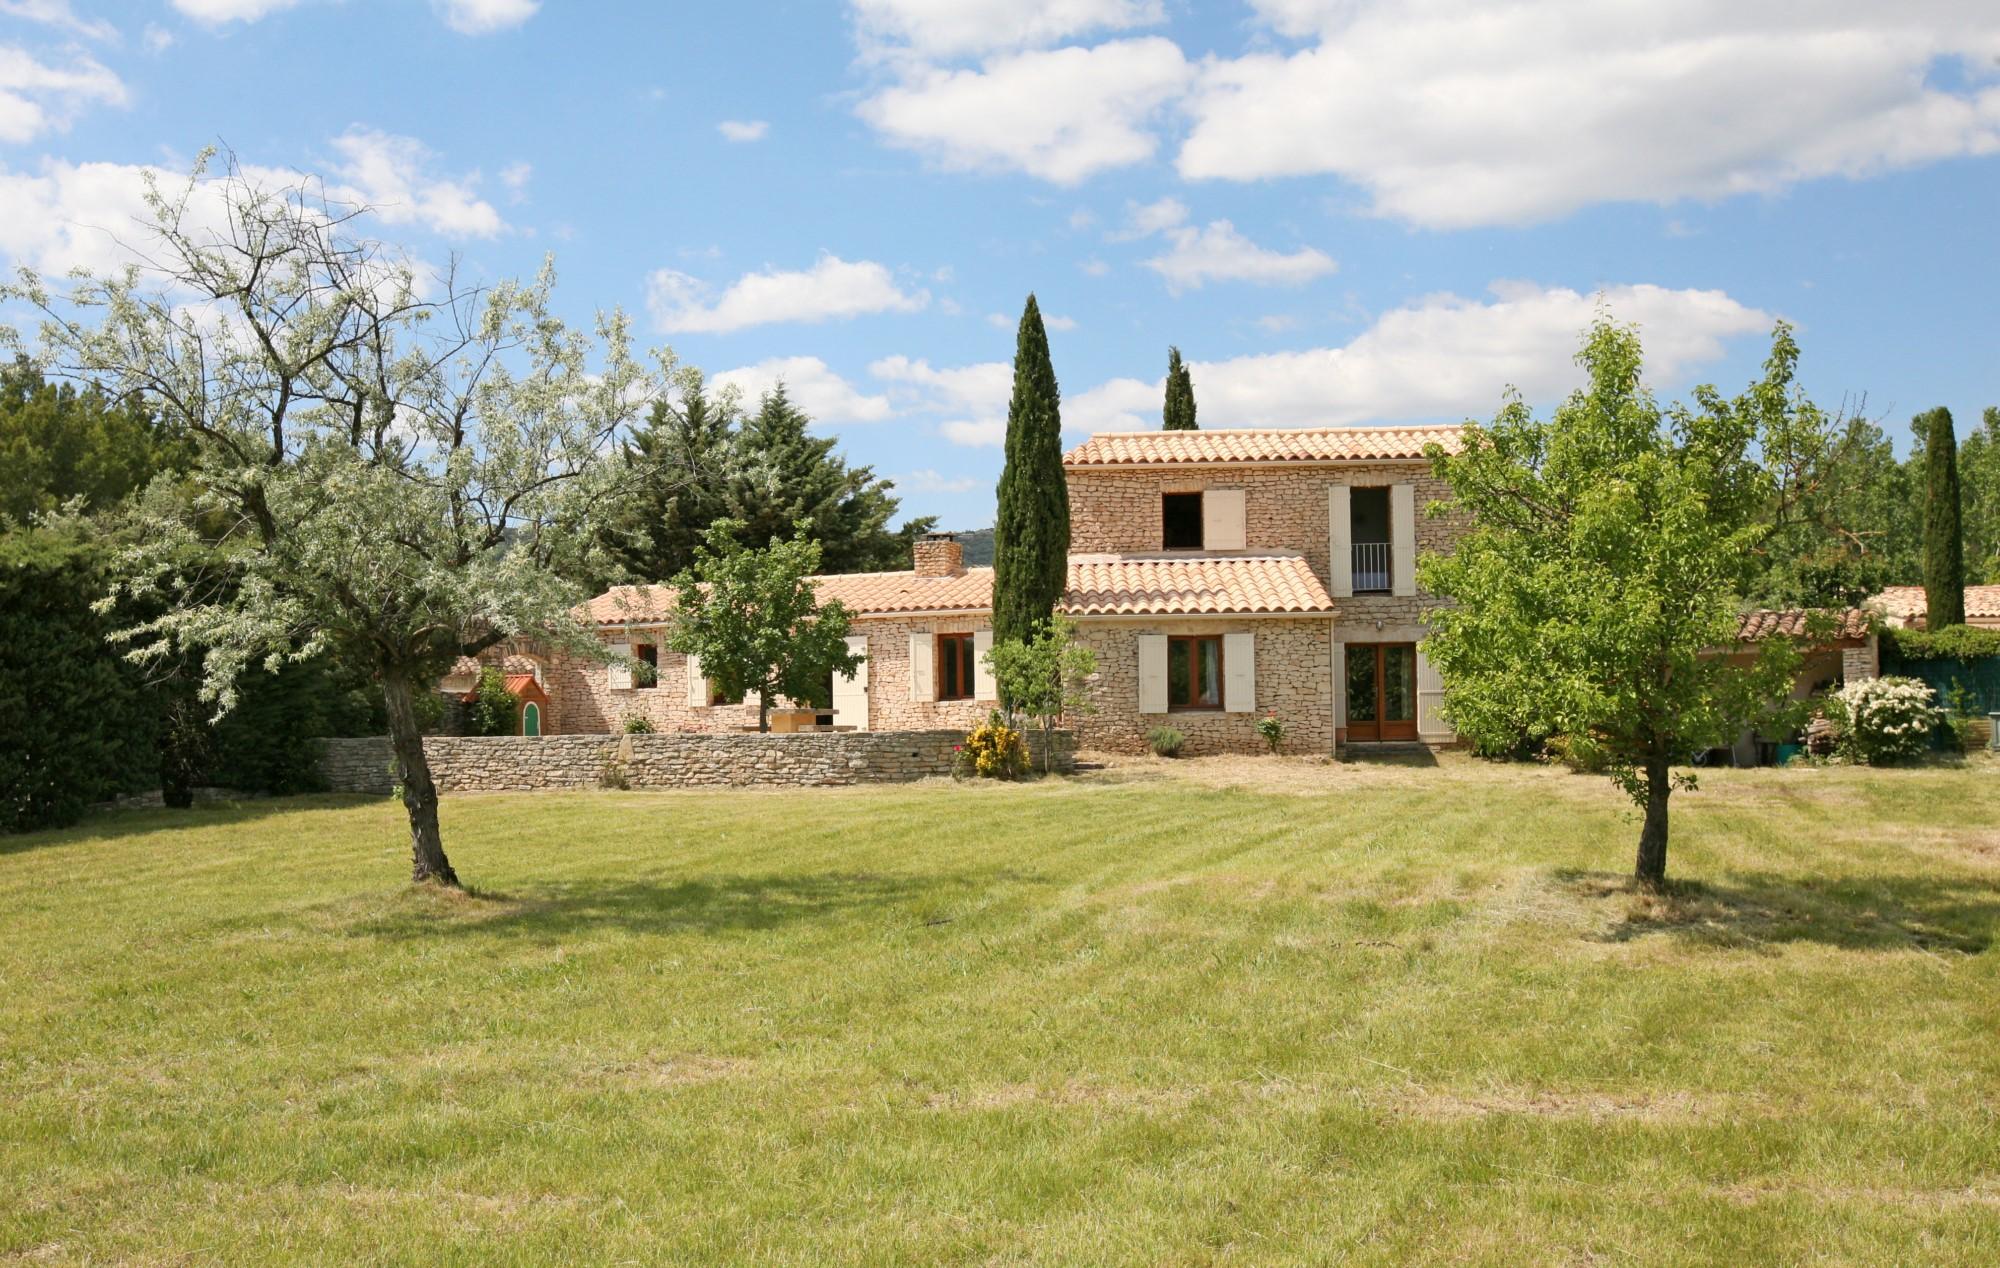 Maison en pierres avec atelier à vendre en Provence